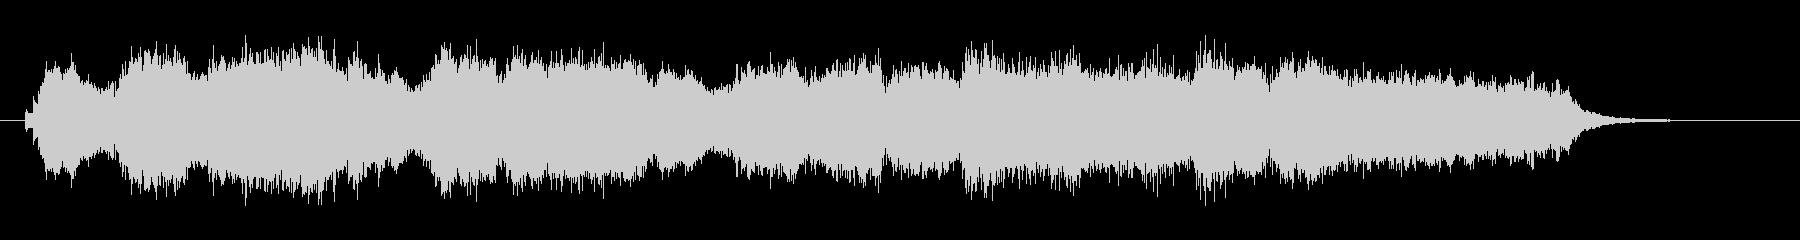 絶望感がすごいオーケストラファンファーレの未再生の波形